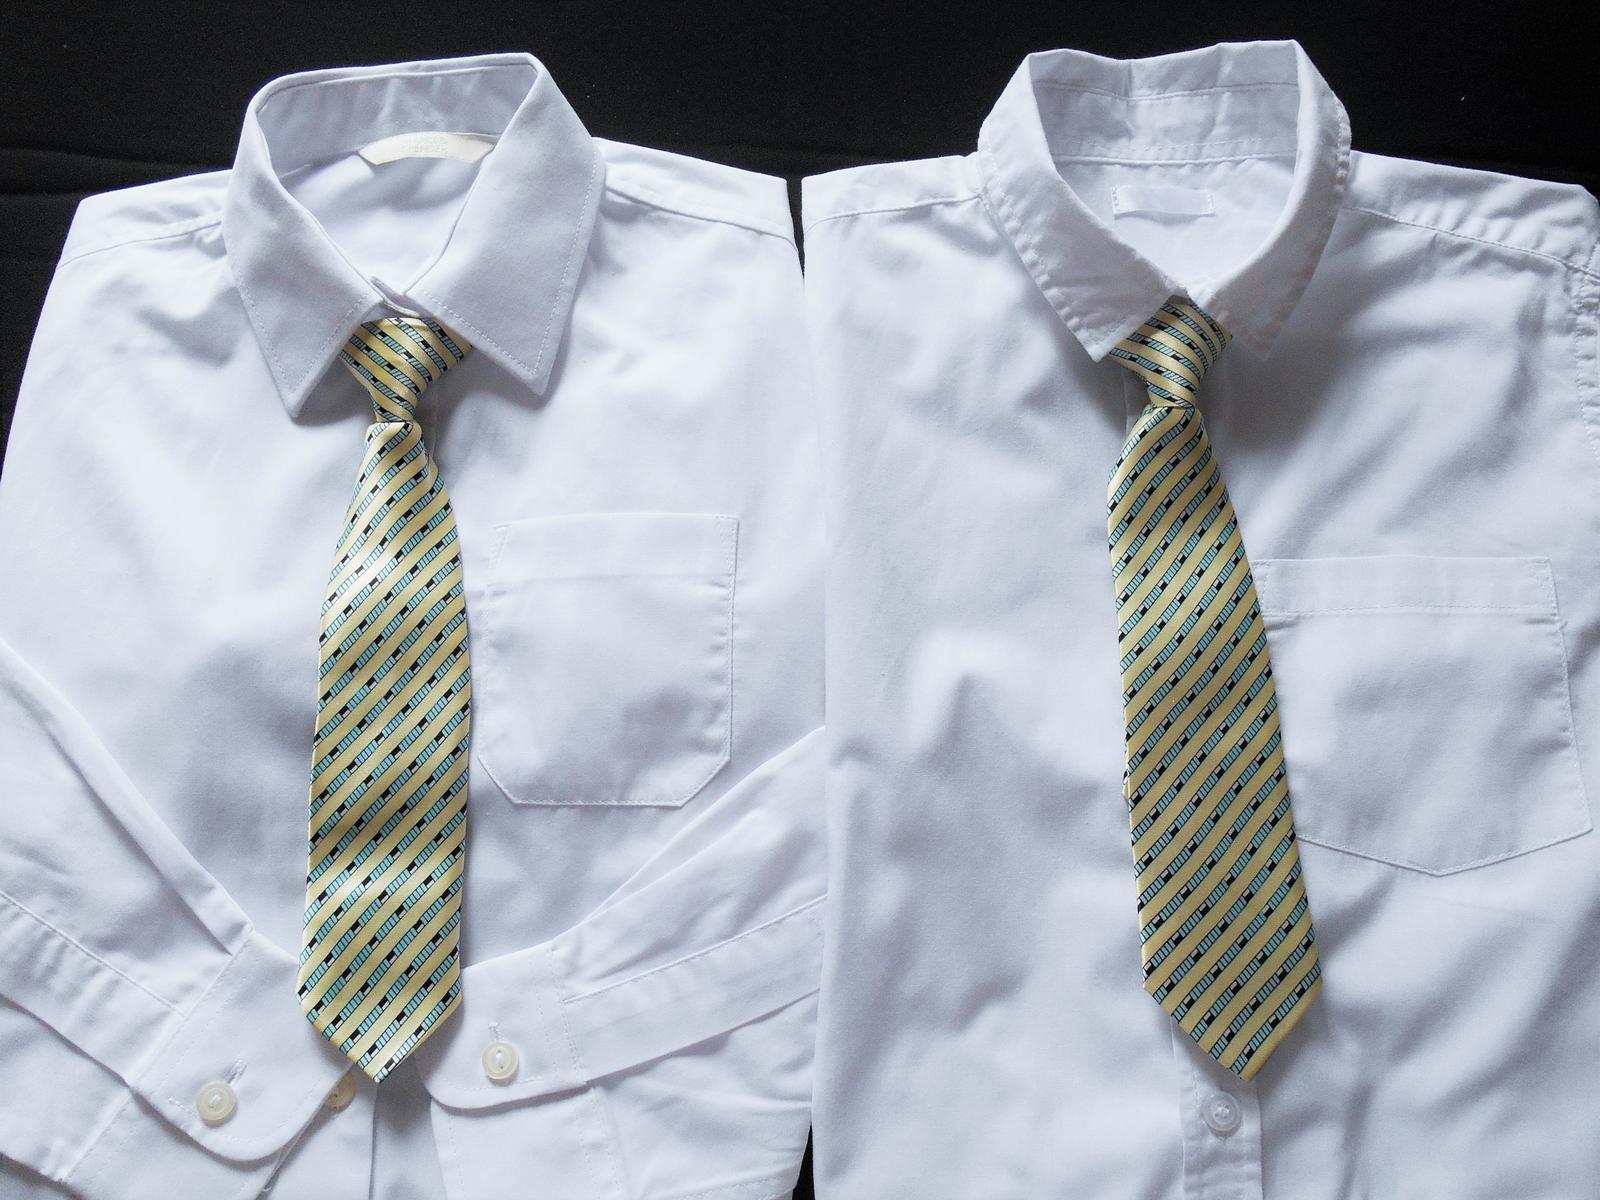 2x detská kravata cena spolu - Obrázok č. 1